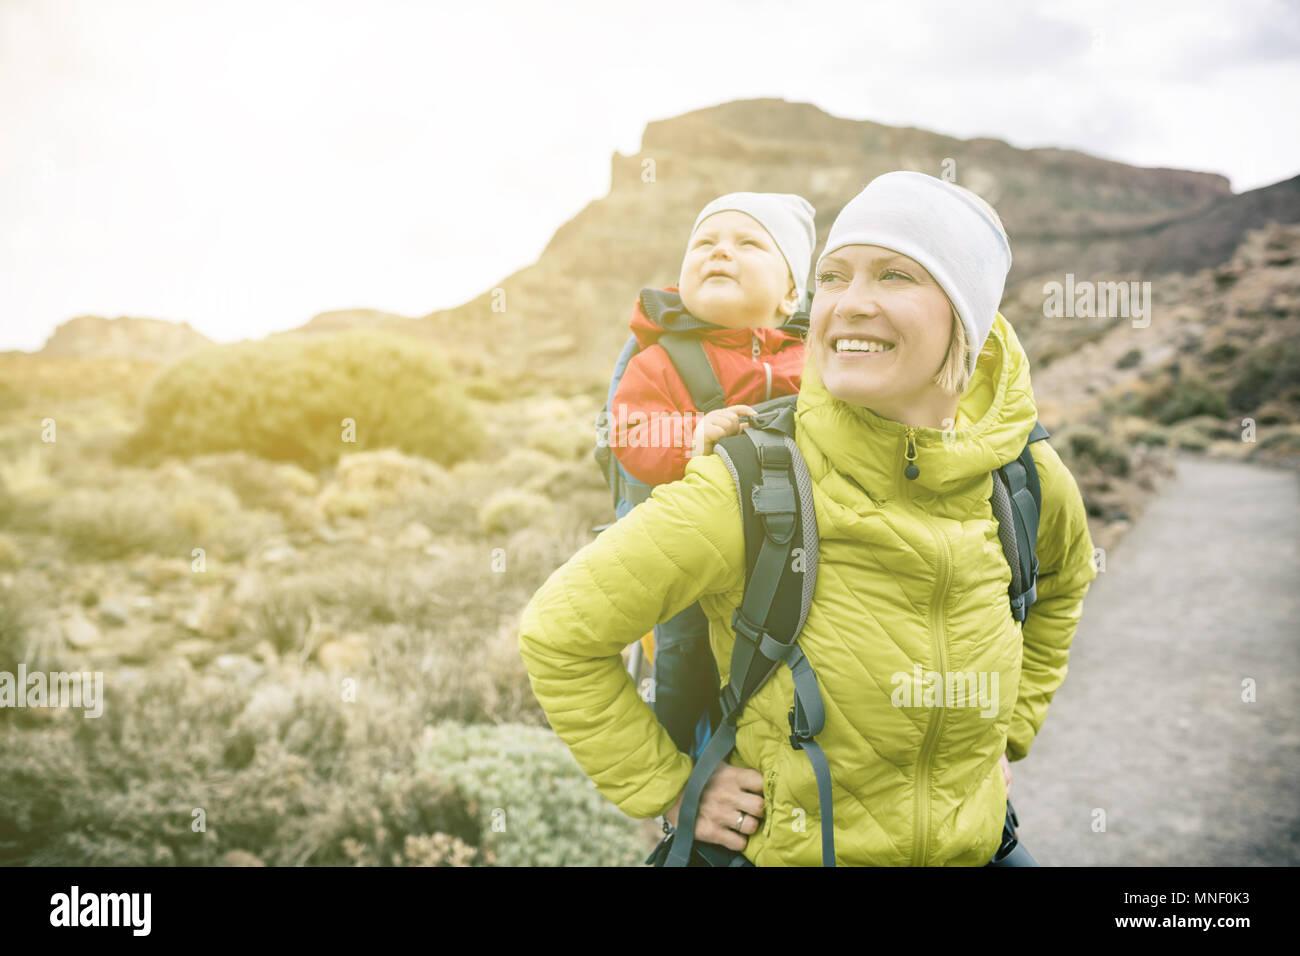 Super Mama mit Baby boy in Rucksack reisen. Mutter am Wandern Abenteuer mit Kind, Familie Urlaub in den Bergen. Urlaub Reise mit Kind durchgeführt Stockbild